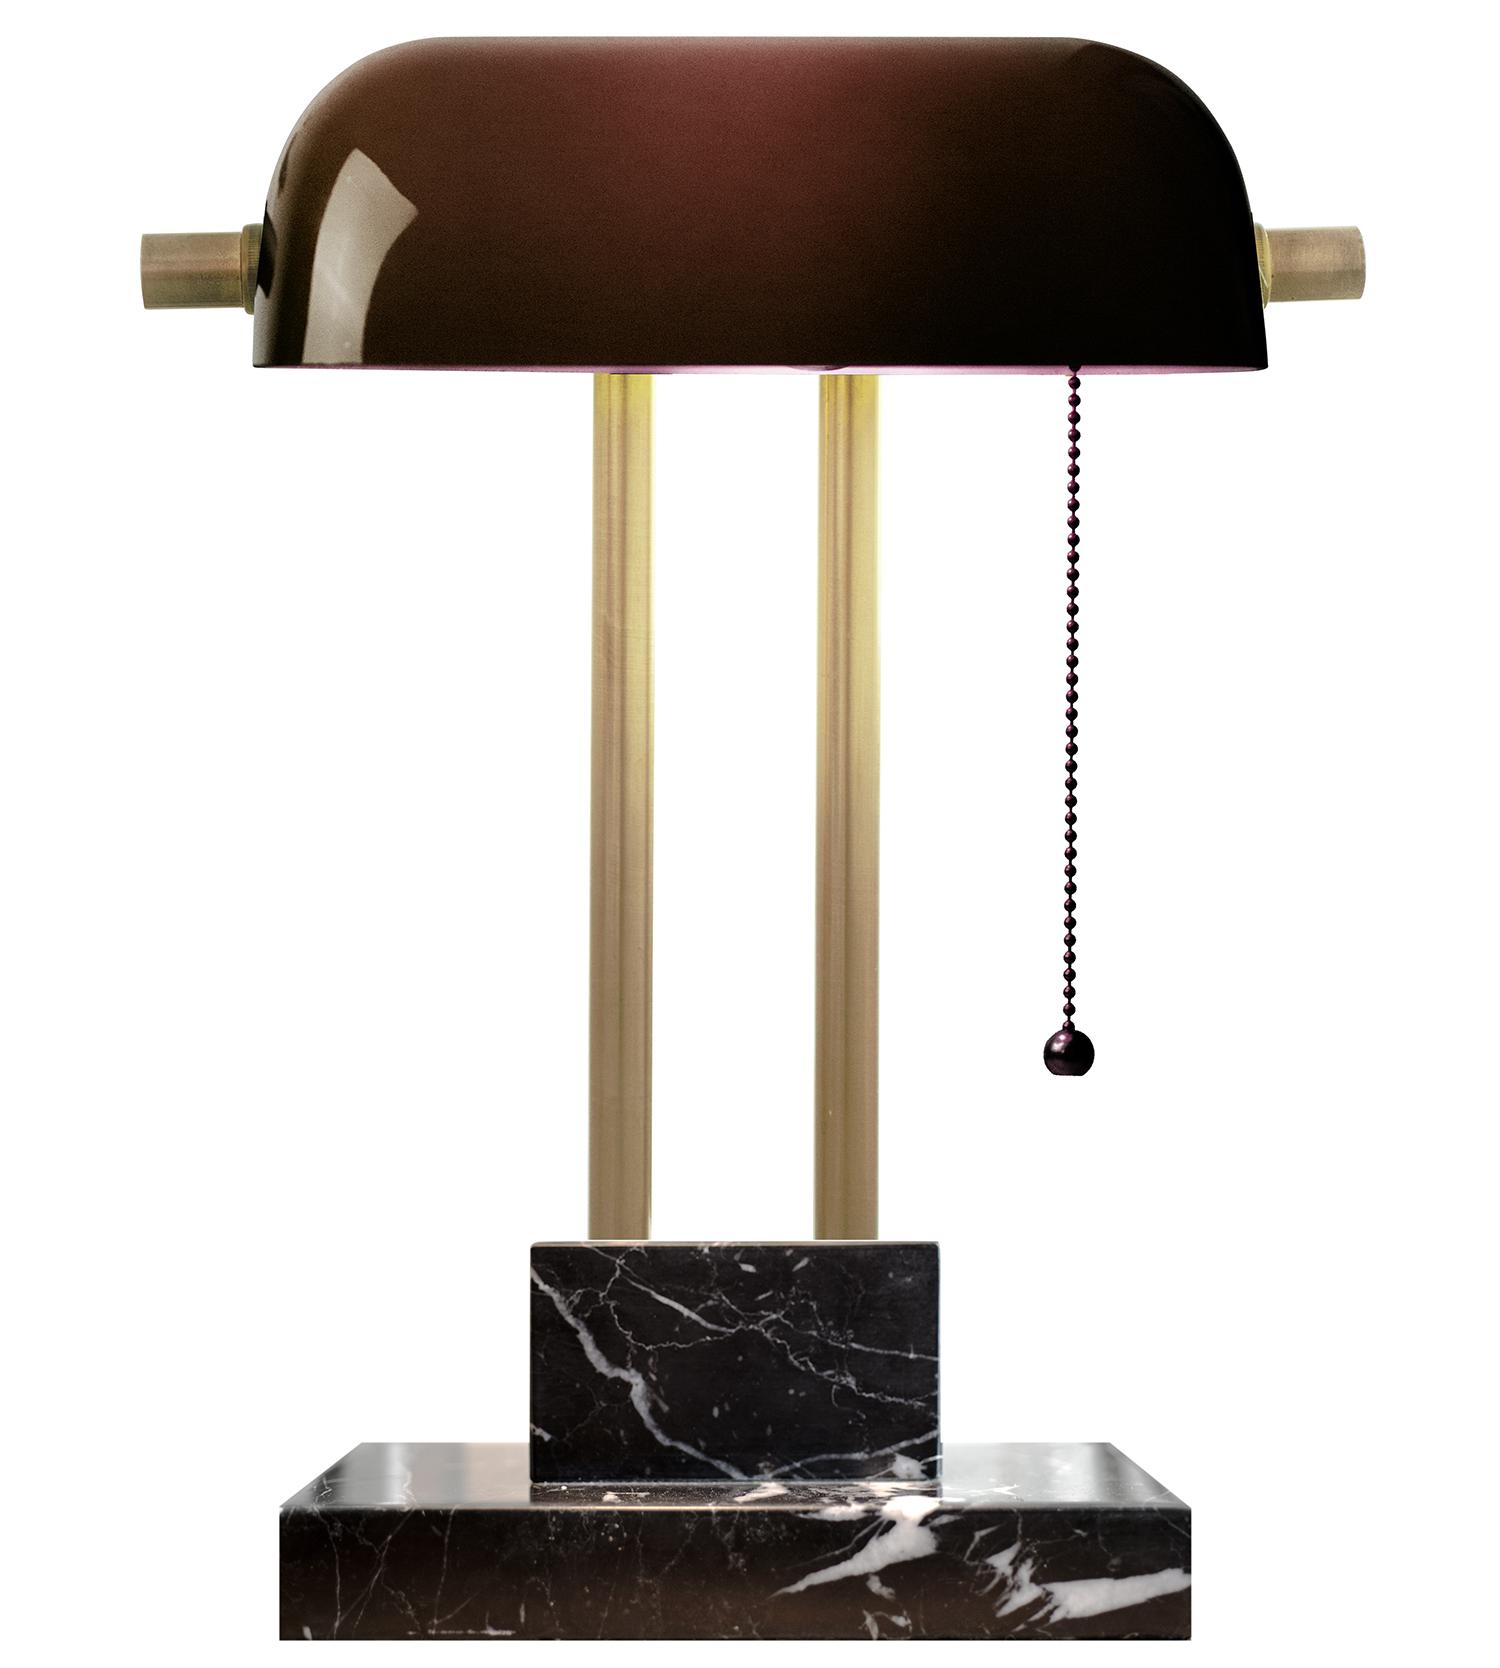 策展人:这款经典的灯具经过现代化的演绎焕发出新的生机,它在我的家中有一席之地,也是我收藏的设计精品中的一件。 - 在20世纪30年代,在上海的黄金时代,蓬勃发展的商业和欣欣向荣的贸易延伸到漫漫长夜,在翡翠绿色调灯光的照射下,银行家们正在和数字游戏。这些灯具在他们的办公桌上随处可见,以至于它们被命名为银行家的灯。设计师Jessica Wong用现代化的风格对经典加以改造。简洁的对称性,黑色大理石底座带来毋庸置疑的奢华质感,电源线的外部被黑白相间的织物包裹,营造出一种复古的学院风。